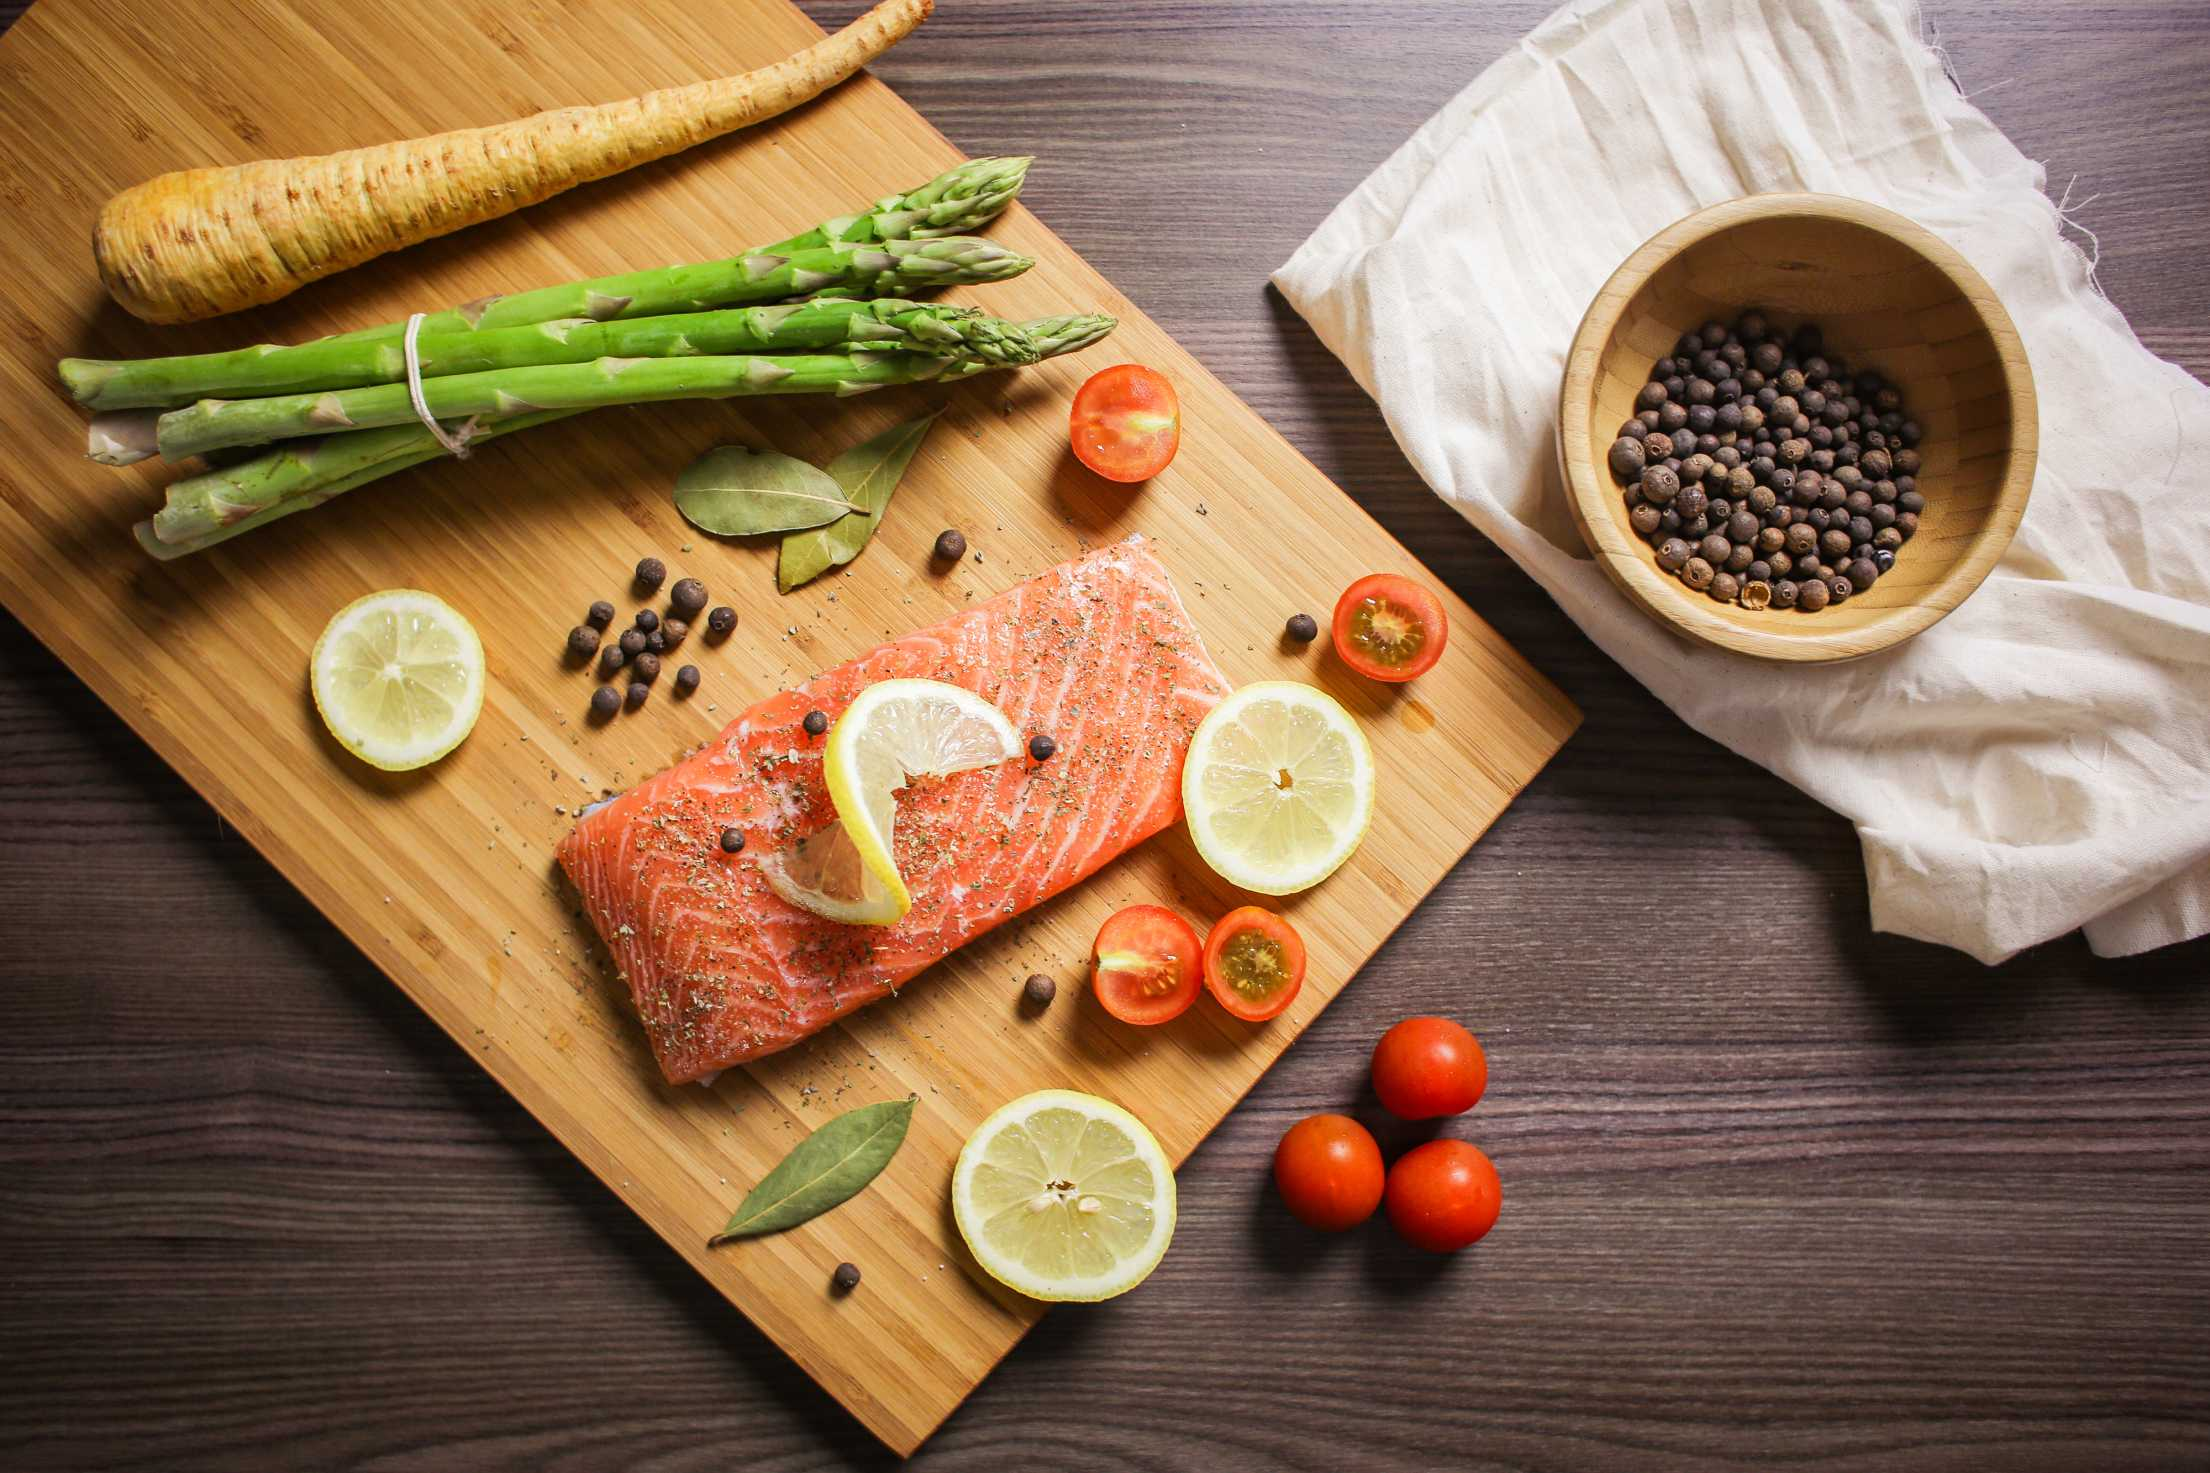 artikel over voeding